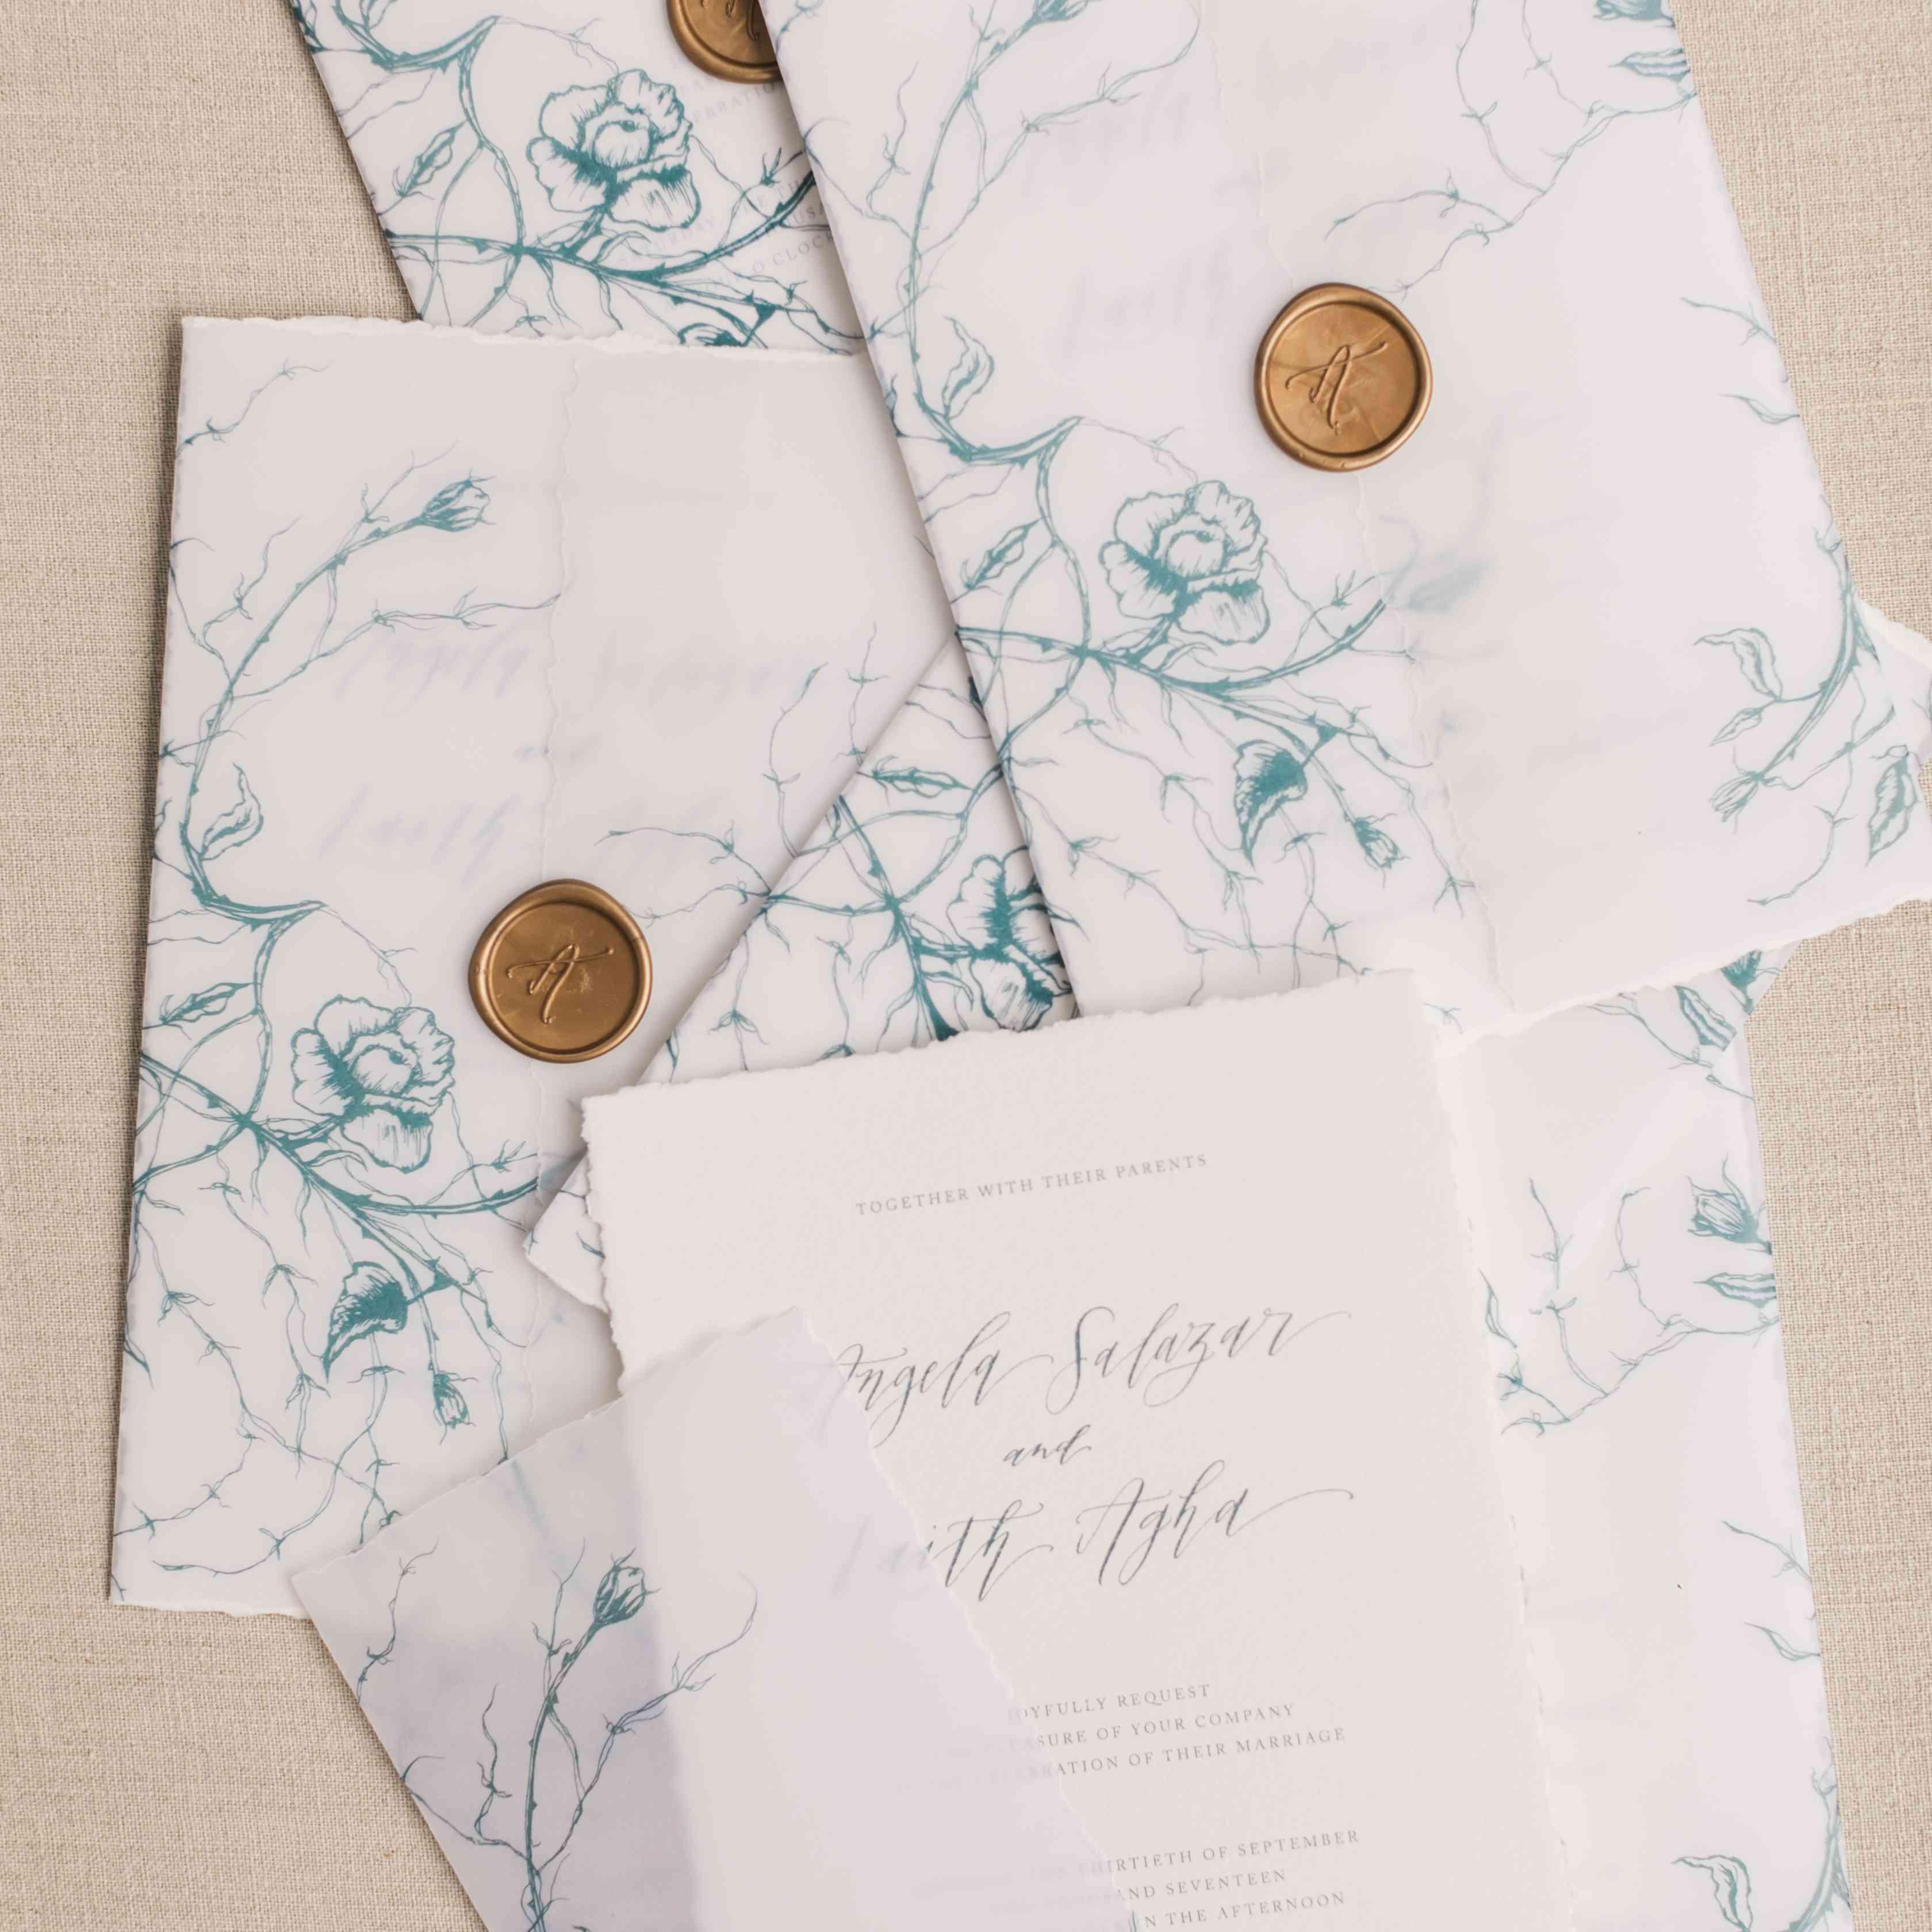 invitation suite rose illustrations